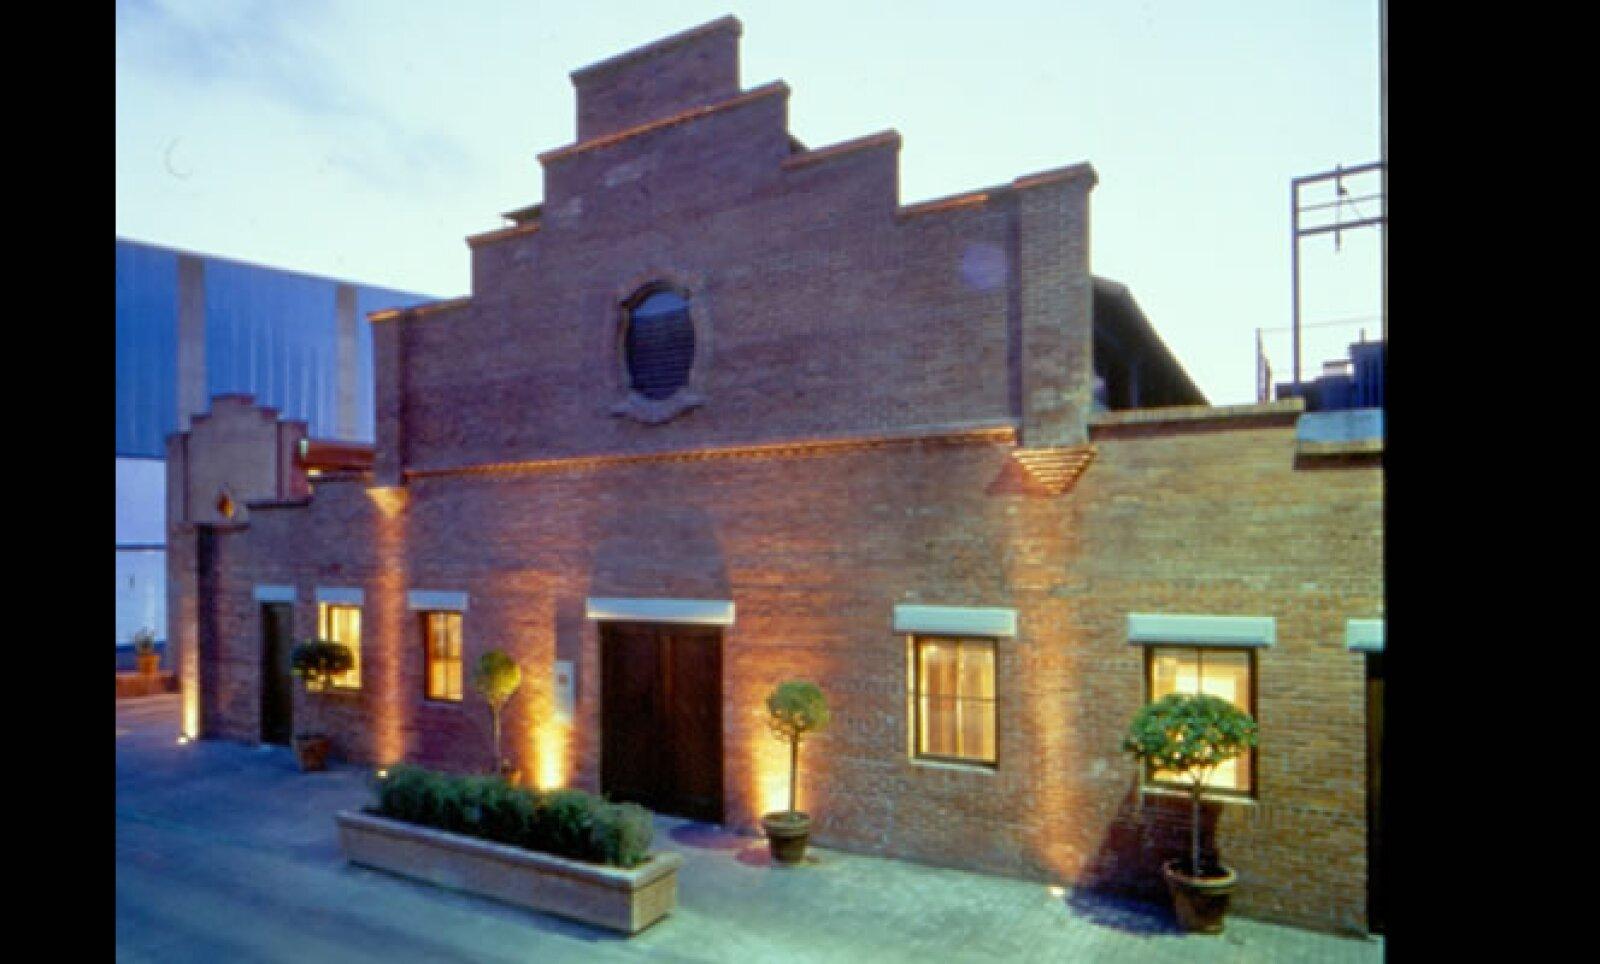 El museo se encuentra en Magallanes No. 517, esquina con Zaragoza en Monterrey, Nuevo León. Los horarios de visita son de martes a domingo en un horario de 10:00 a.m. a 7:00 p.m.